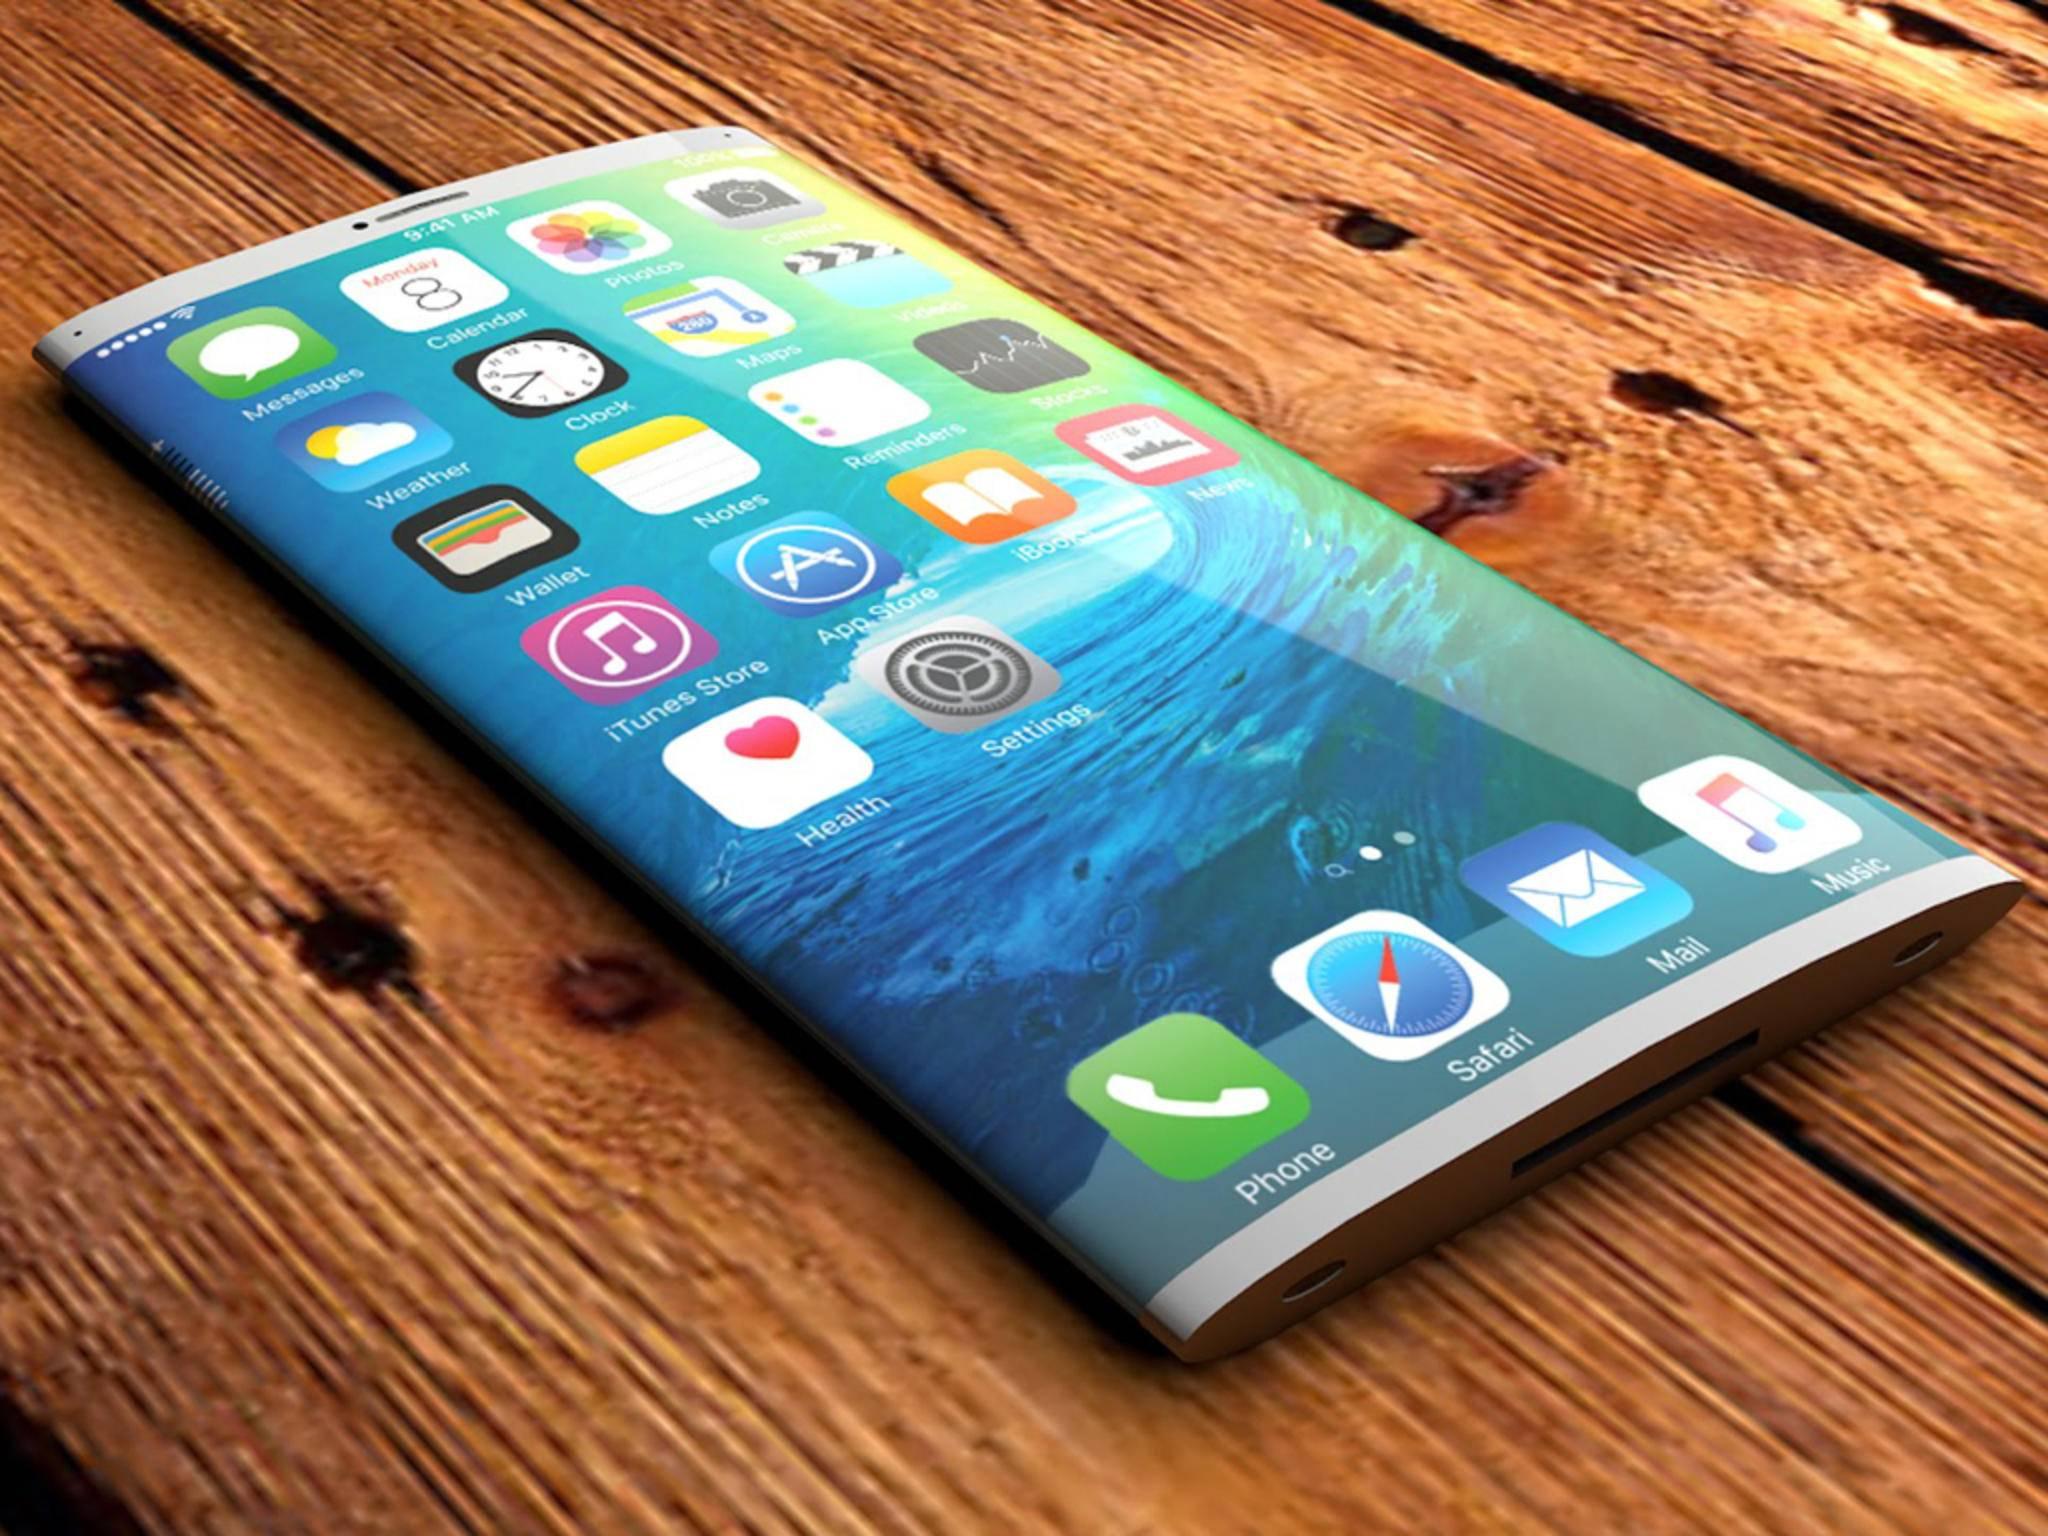 Mit OLED wäre so ein iPhone-Display theoretisch möglich.